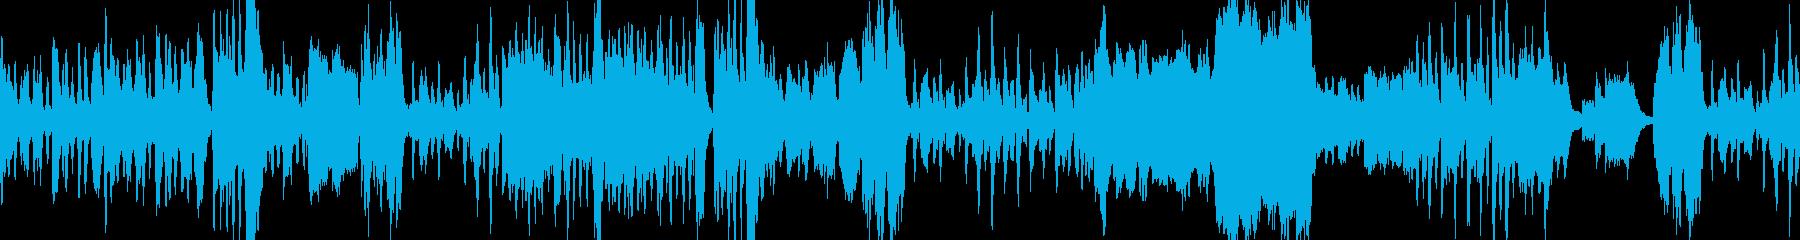 明るく優雅な室内楽曲の再生済みの波形